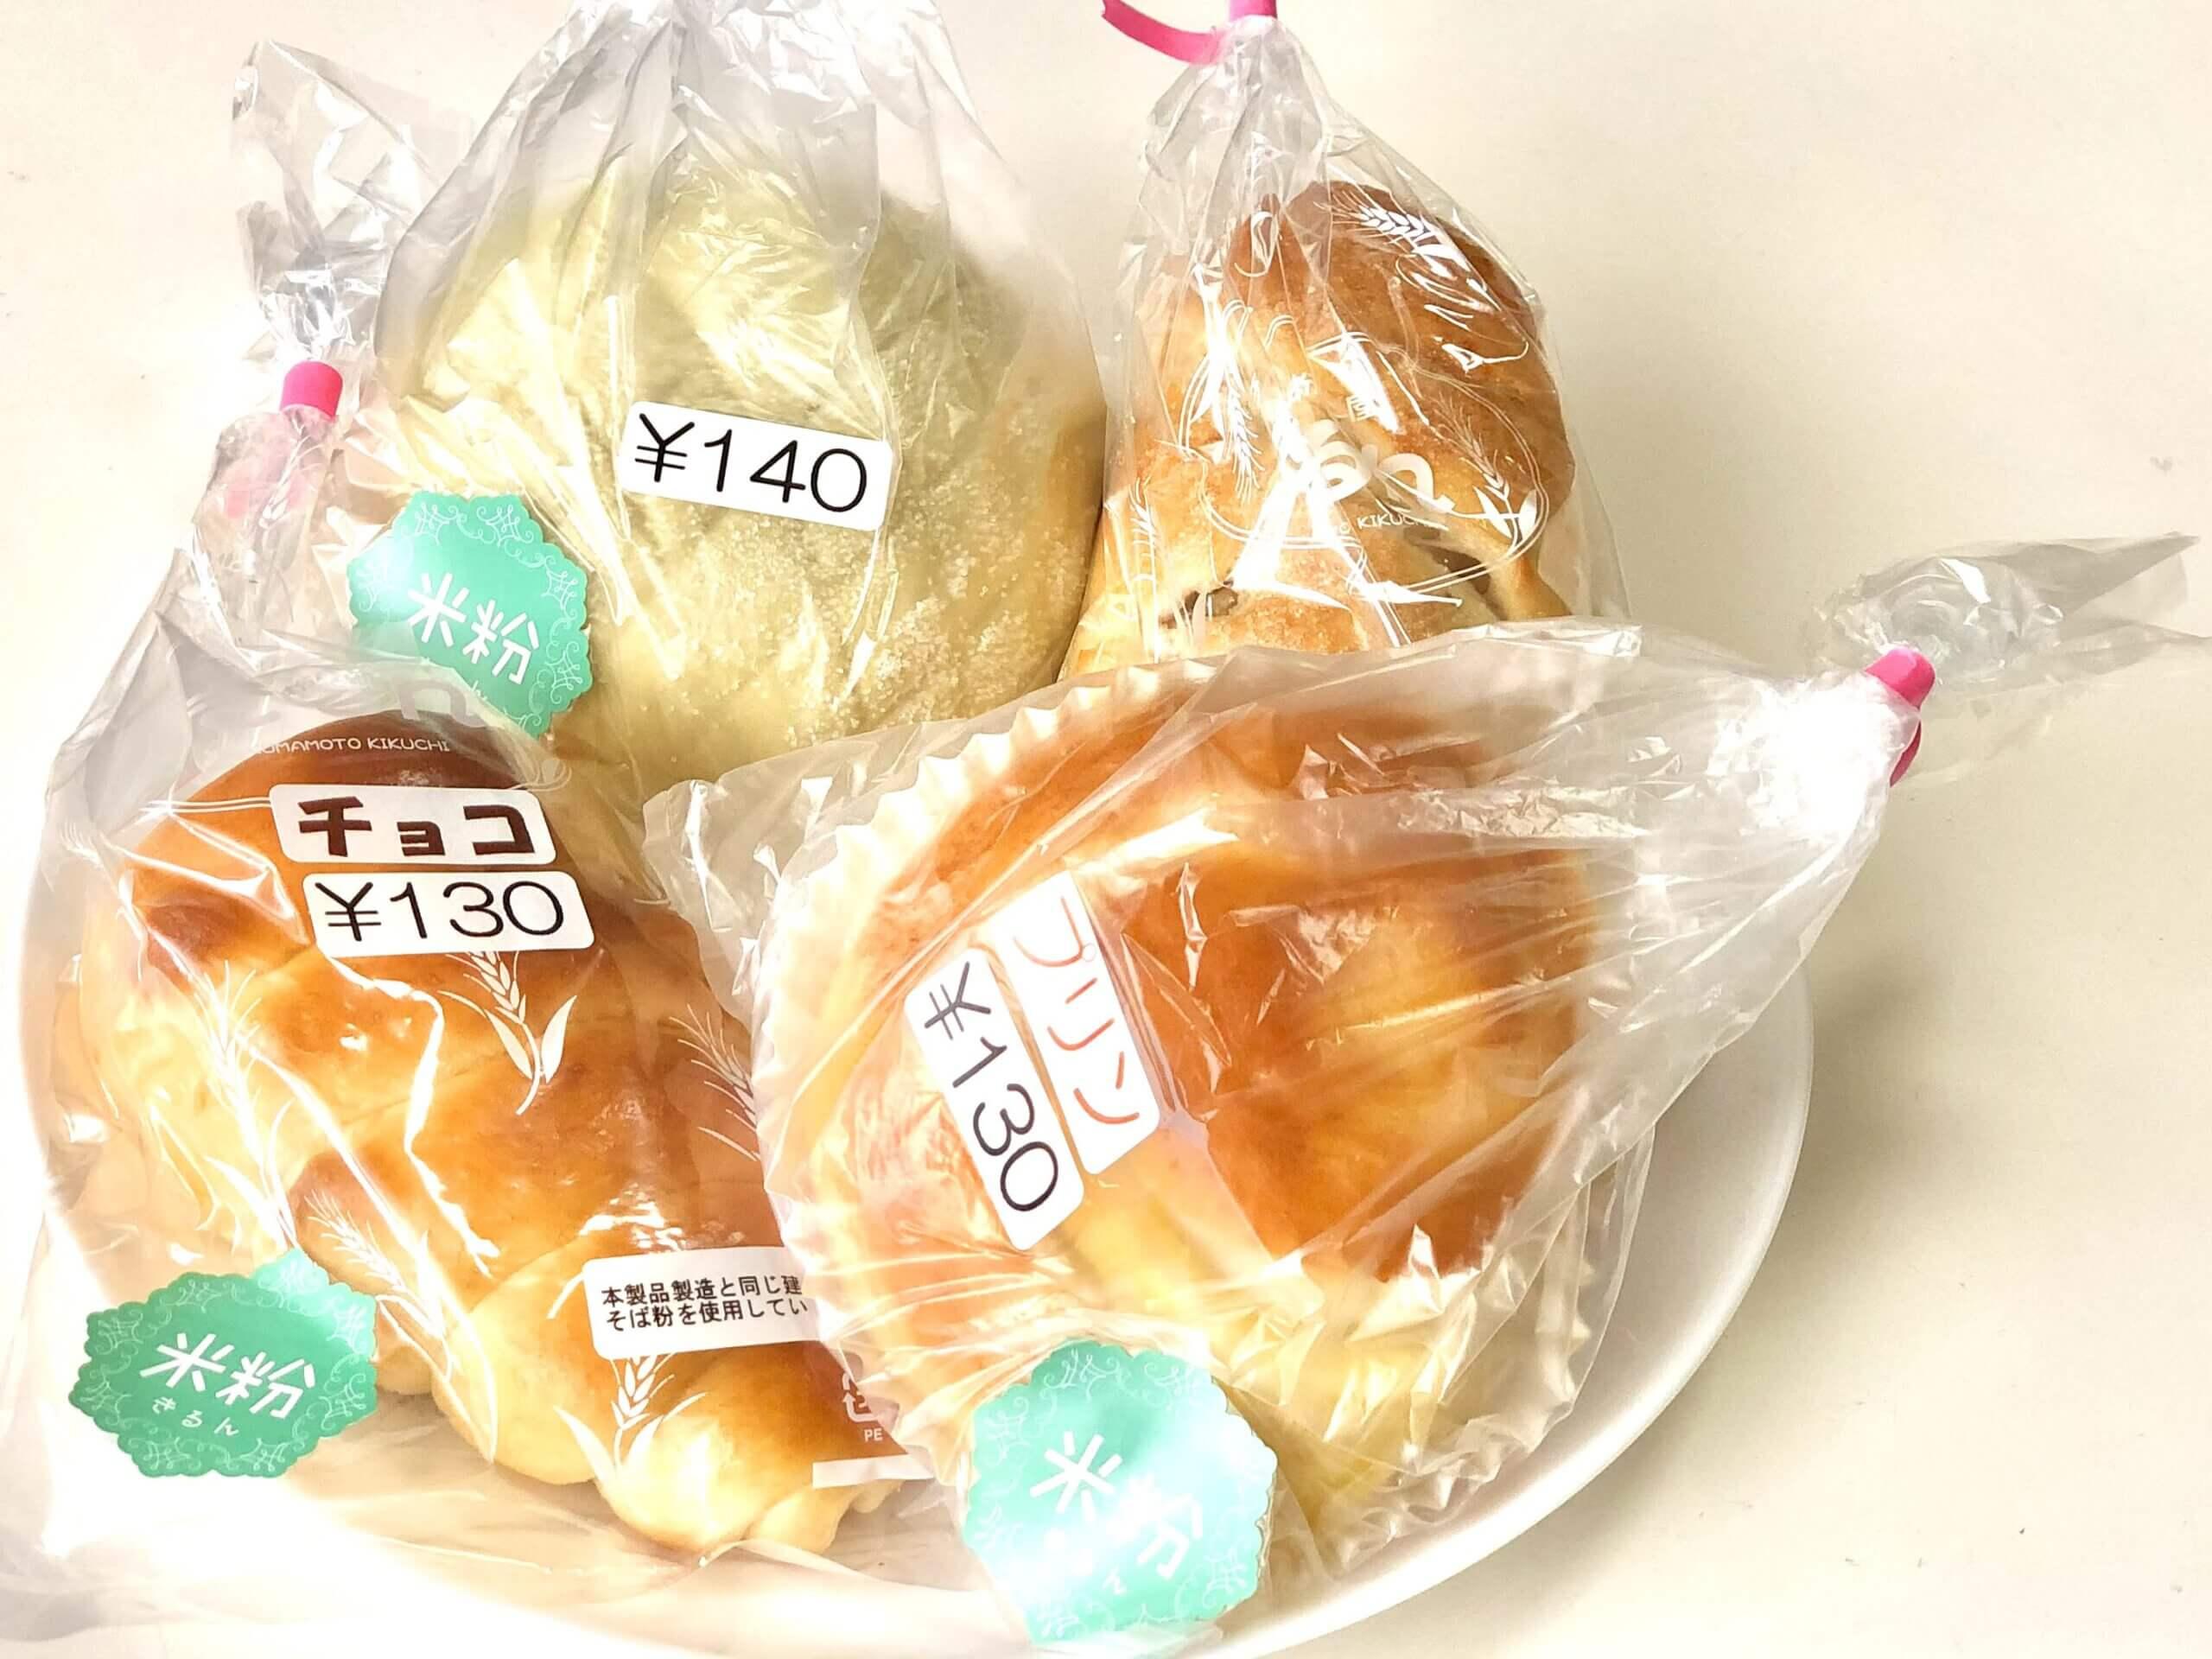 【米粉ぱん屋 きるん】お待たせしました!米粉を使ったパン屋さんです!!《菊池市隈府》